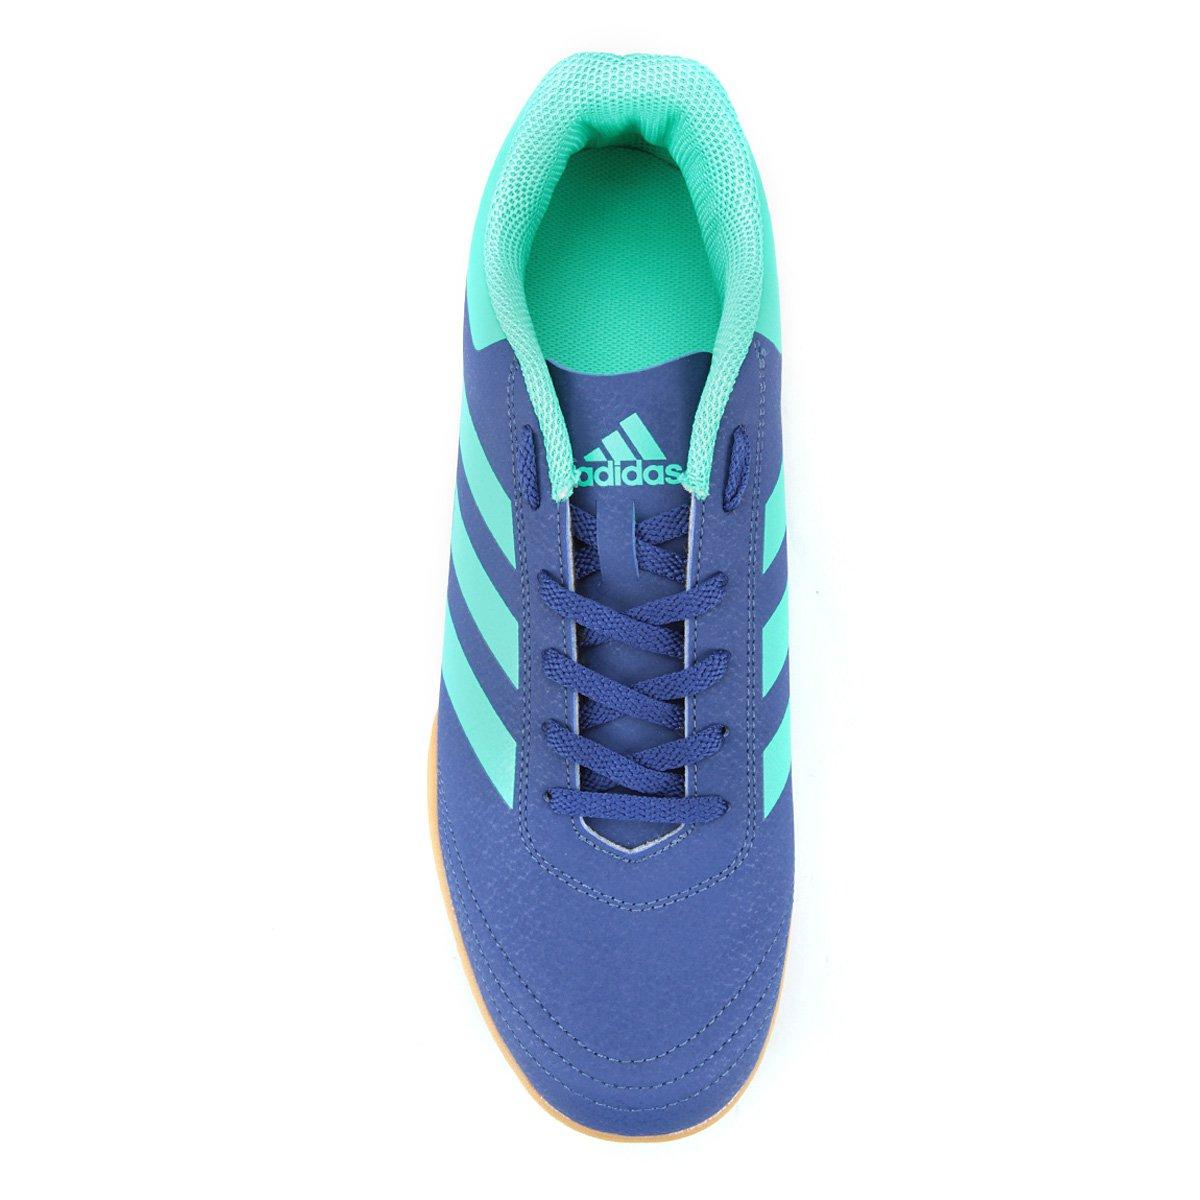 07b7058e6f Chuteira Futsal Adidas Goletto VI - Azul e Verde - Compre Agora ...